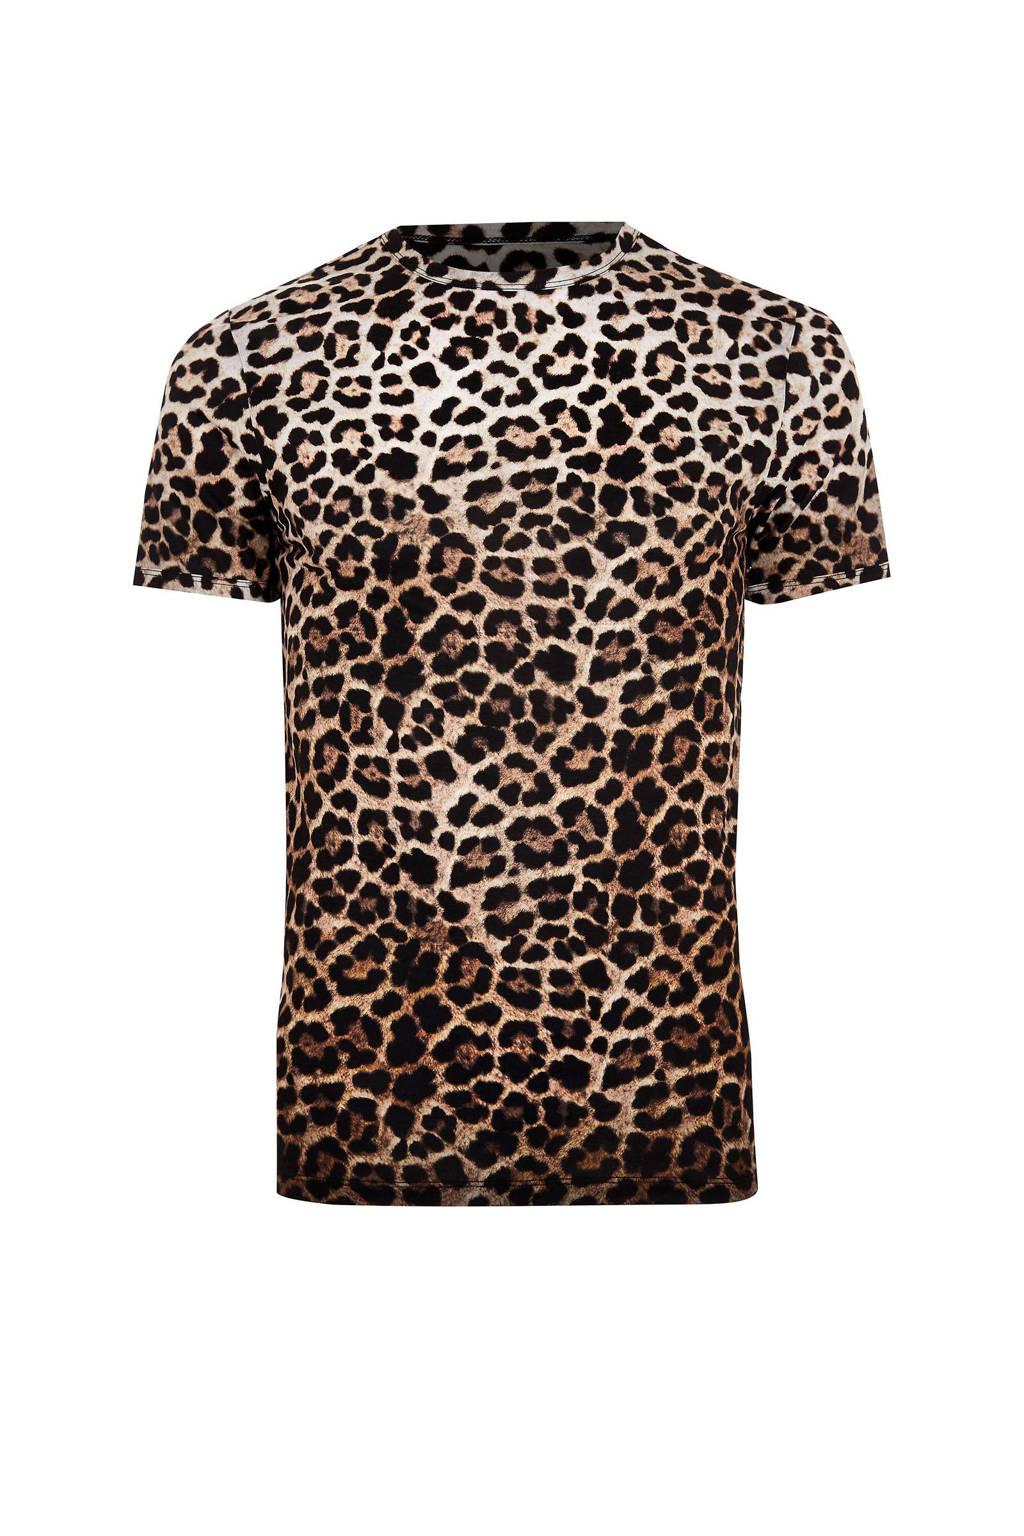 River Island slim fit T-shirt met panterprint, Bruin/zwart